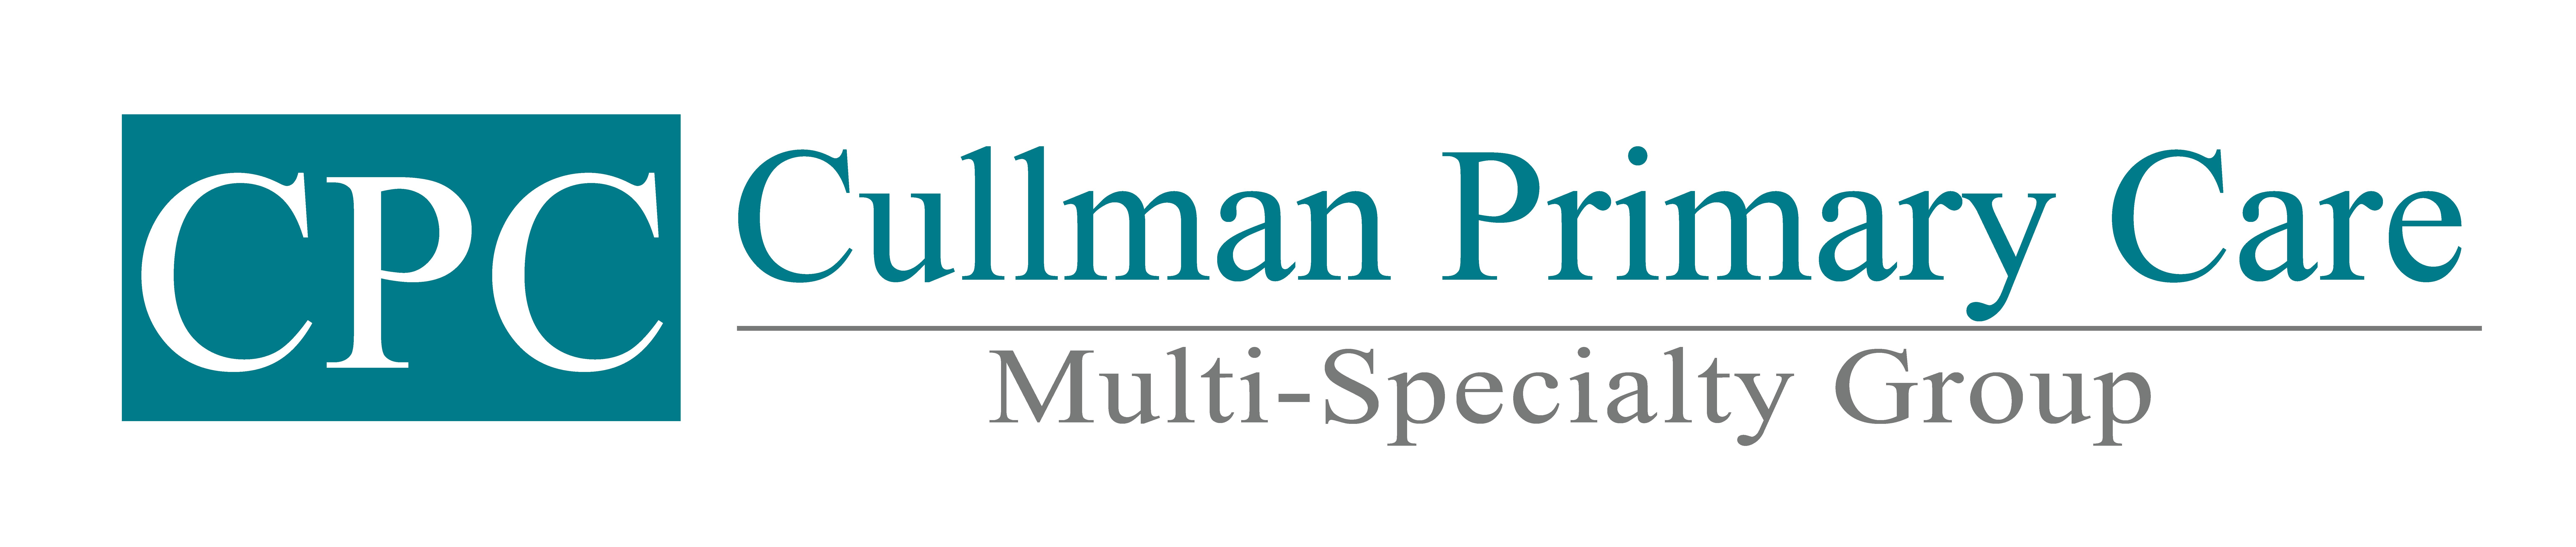 Cullman Primary Care